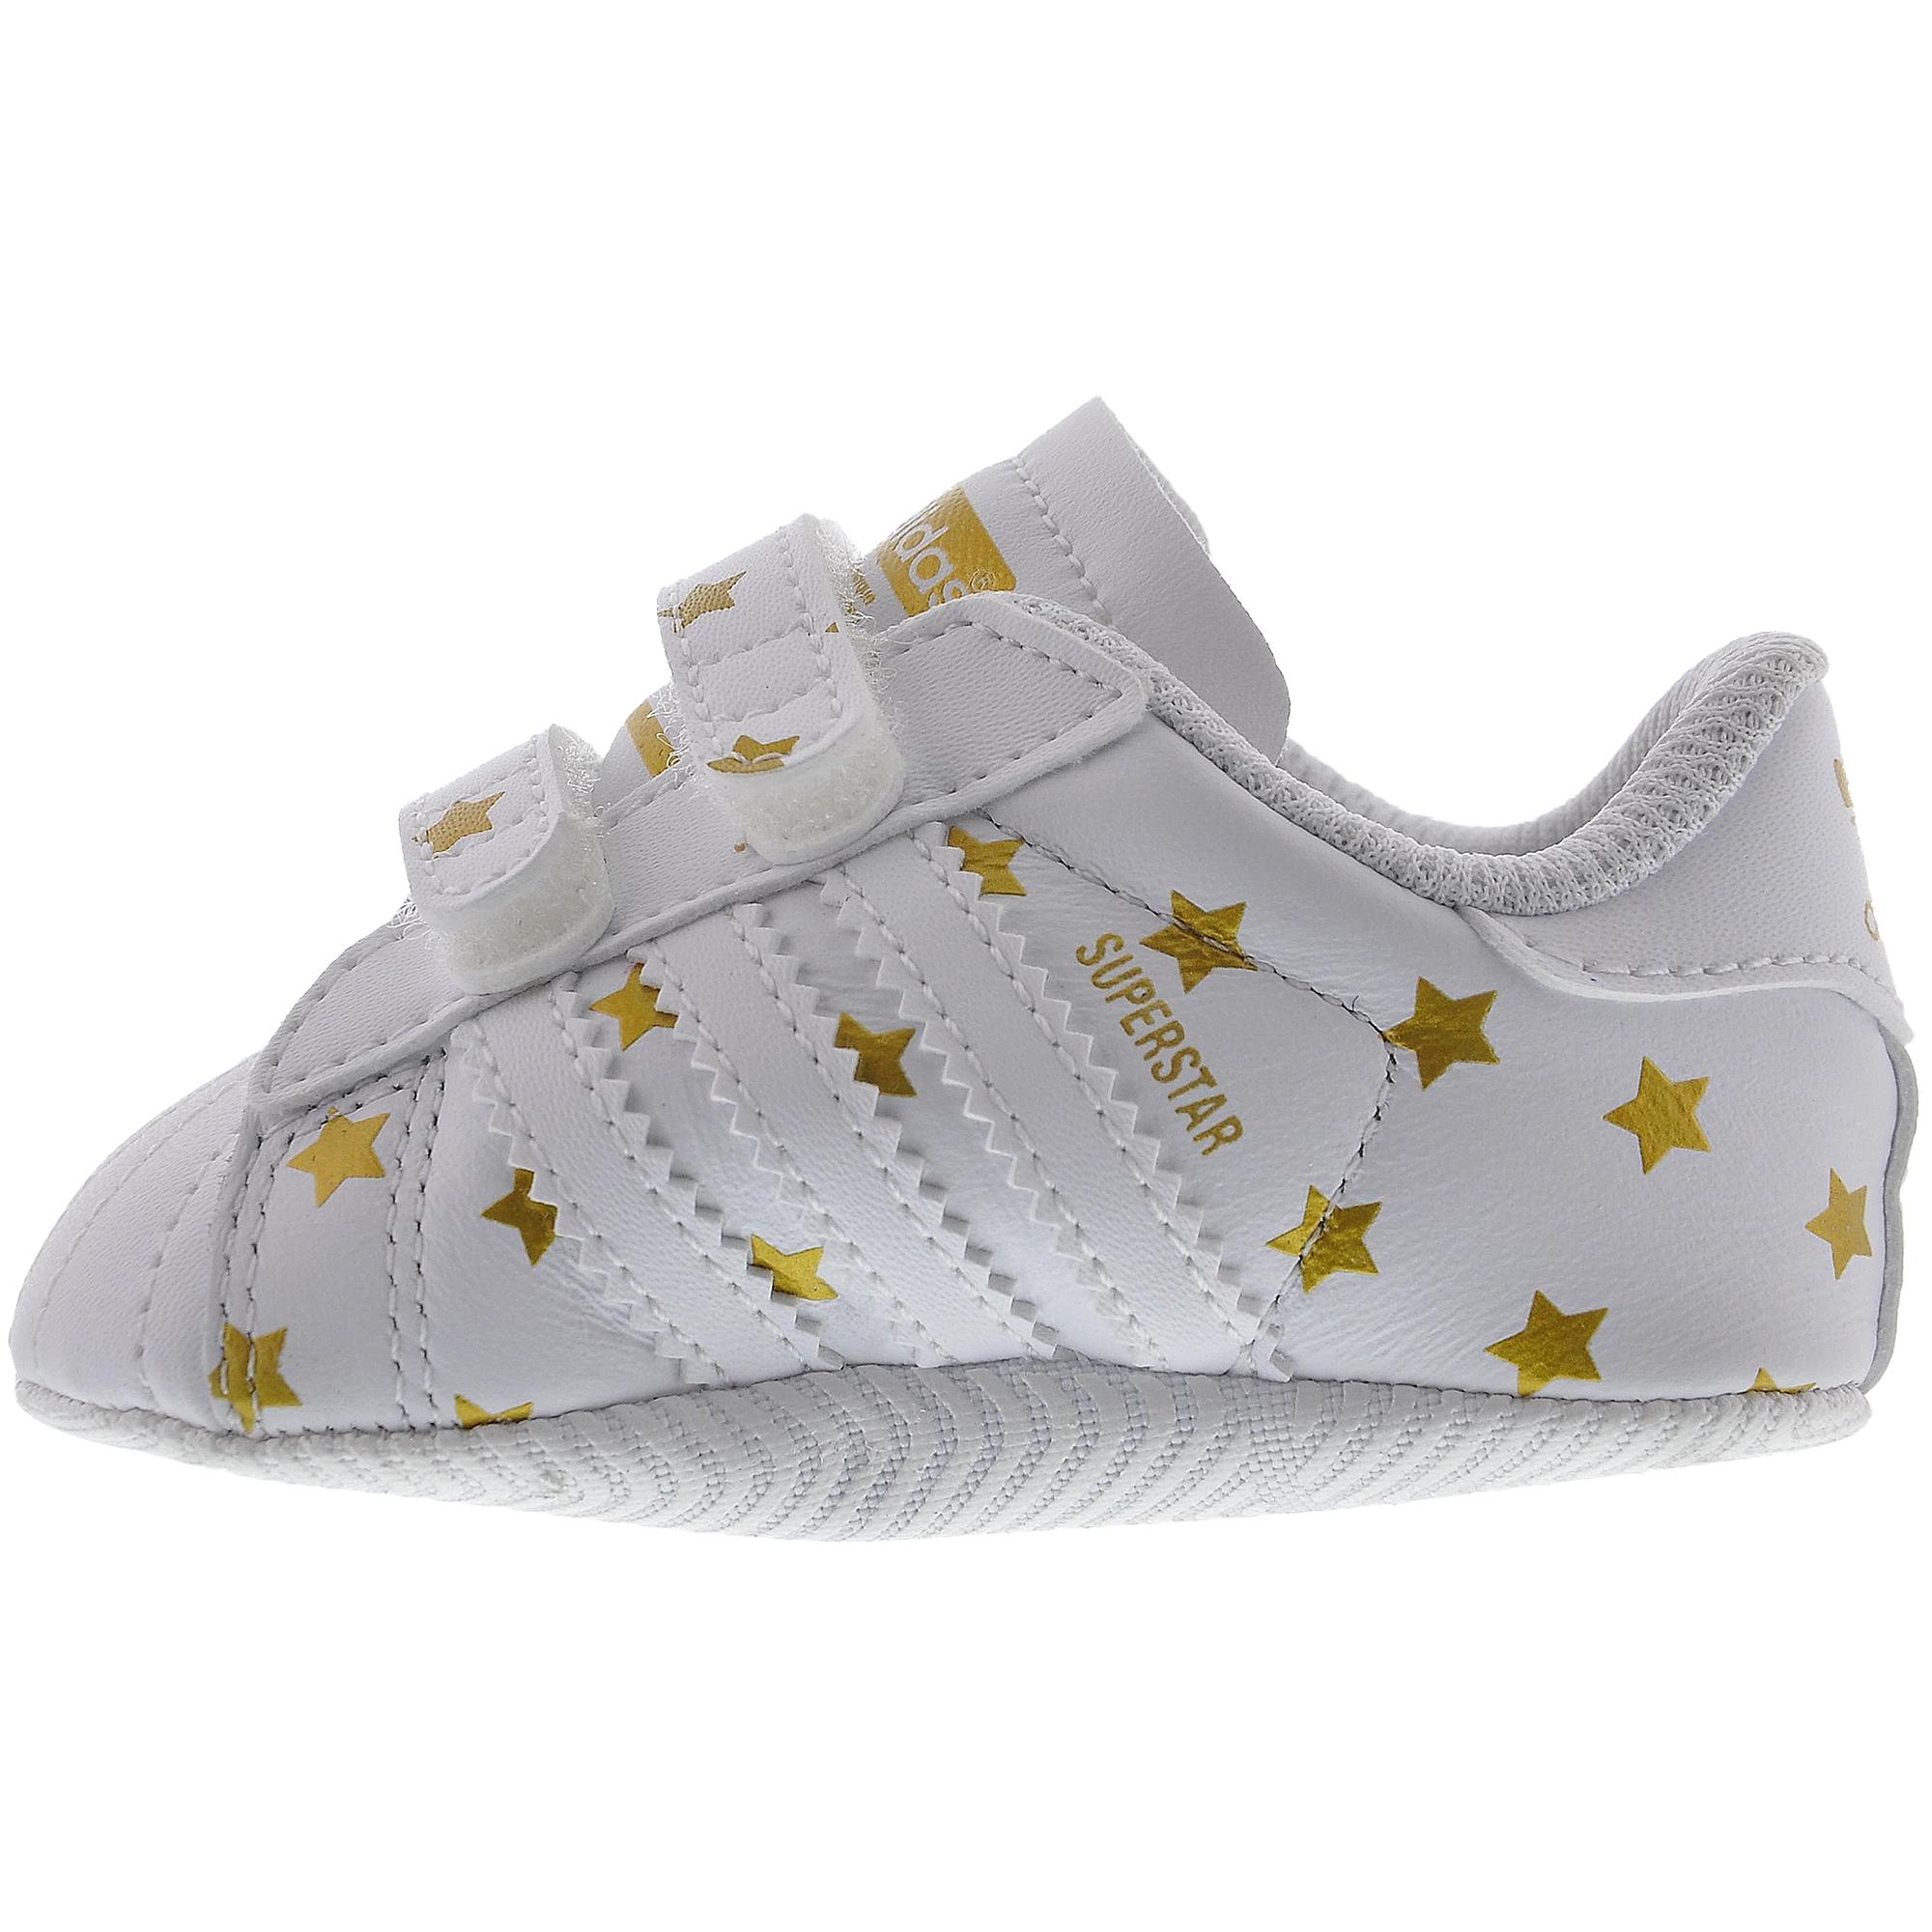 Baby Crib Adidas Superstar Sportschoenen Baby Adidas Superstar Sportschoenen Sportschoenen Crib Baby Adidas Crib Superstar PBZwpqX